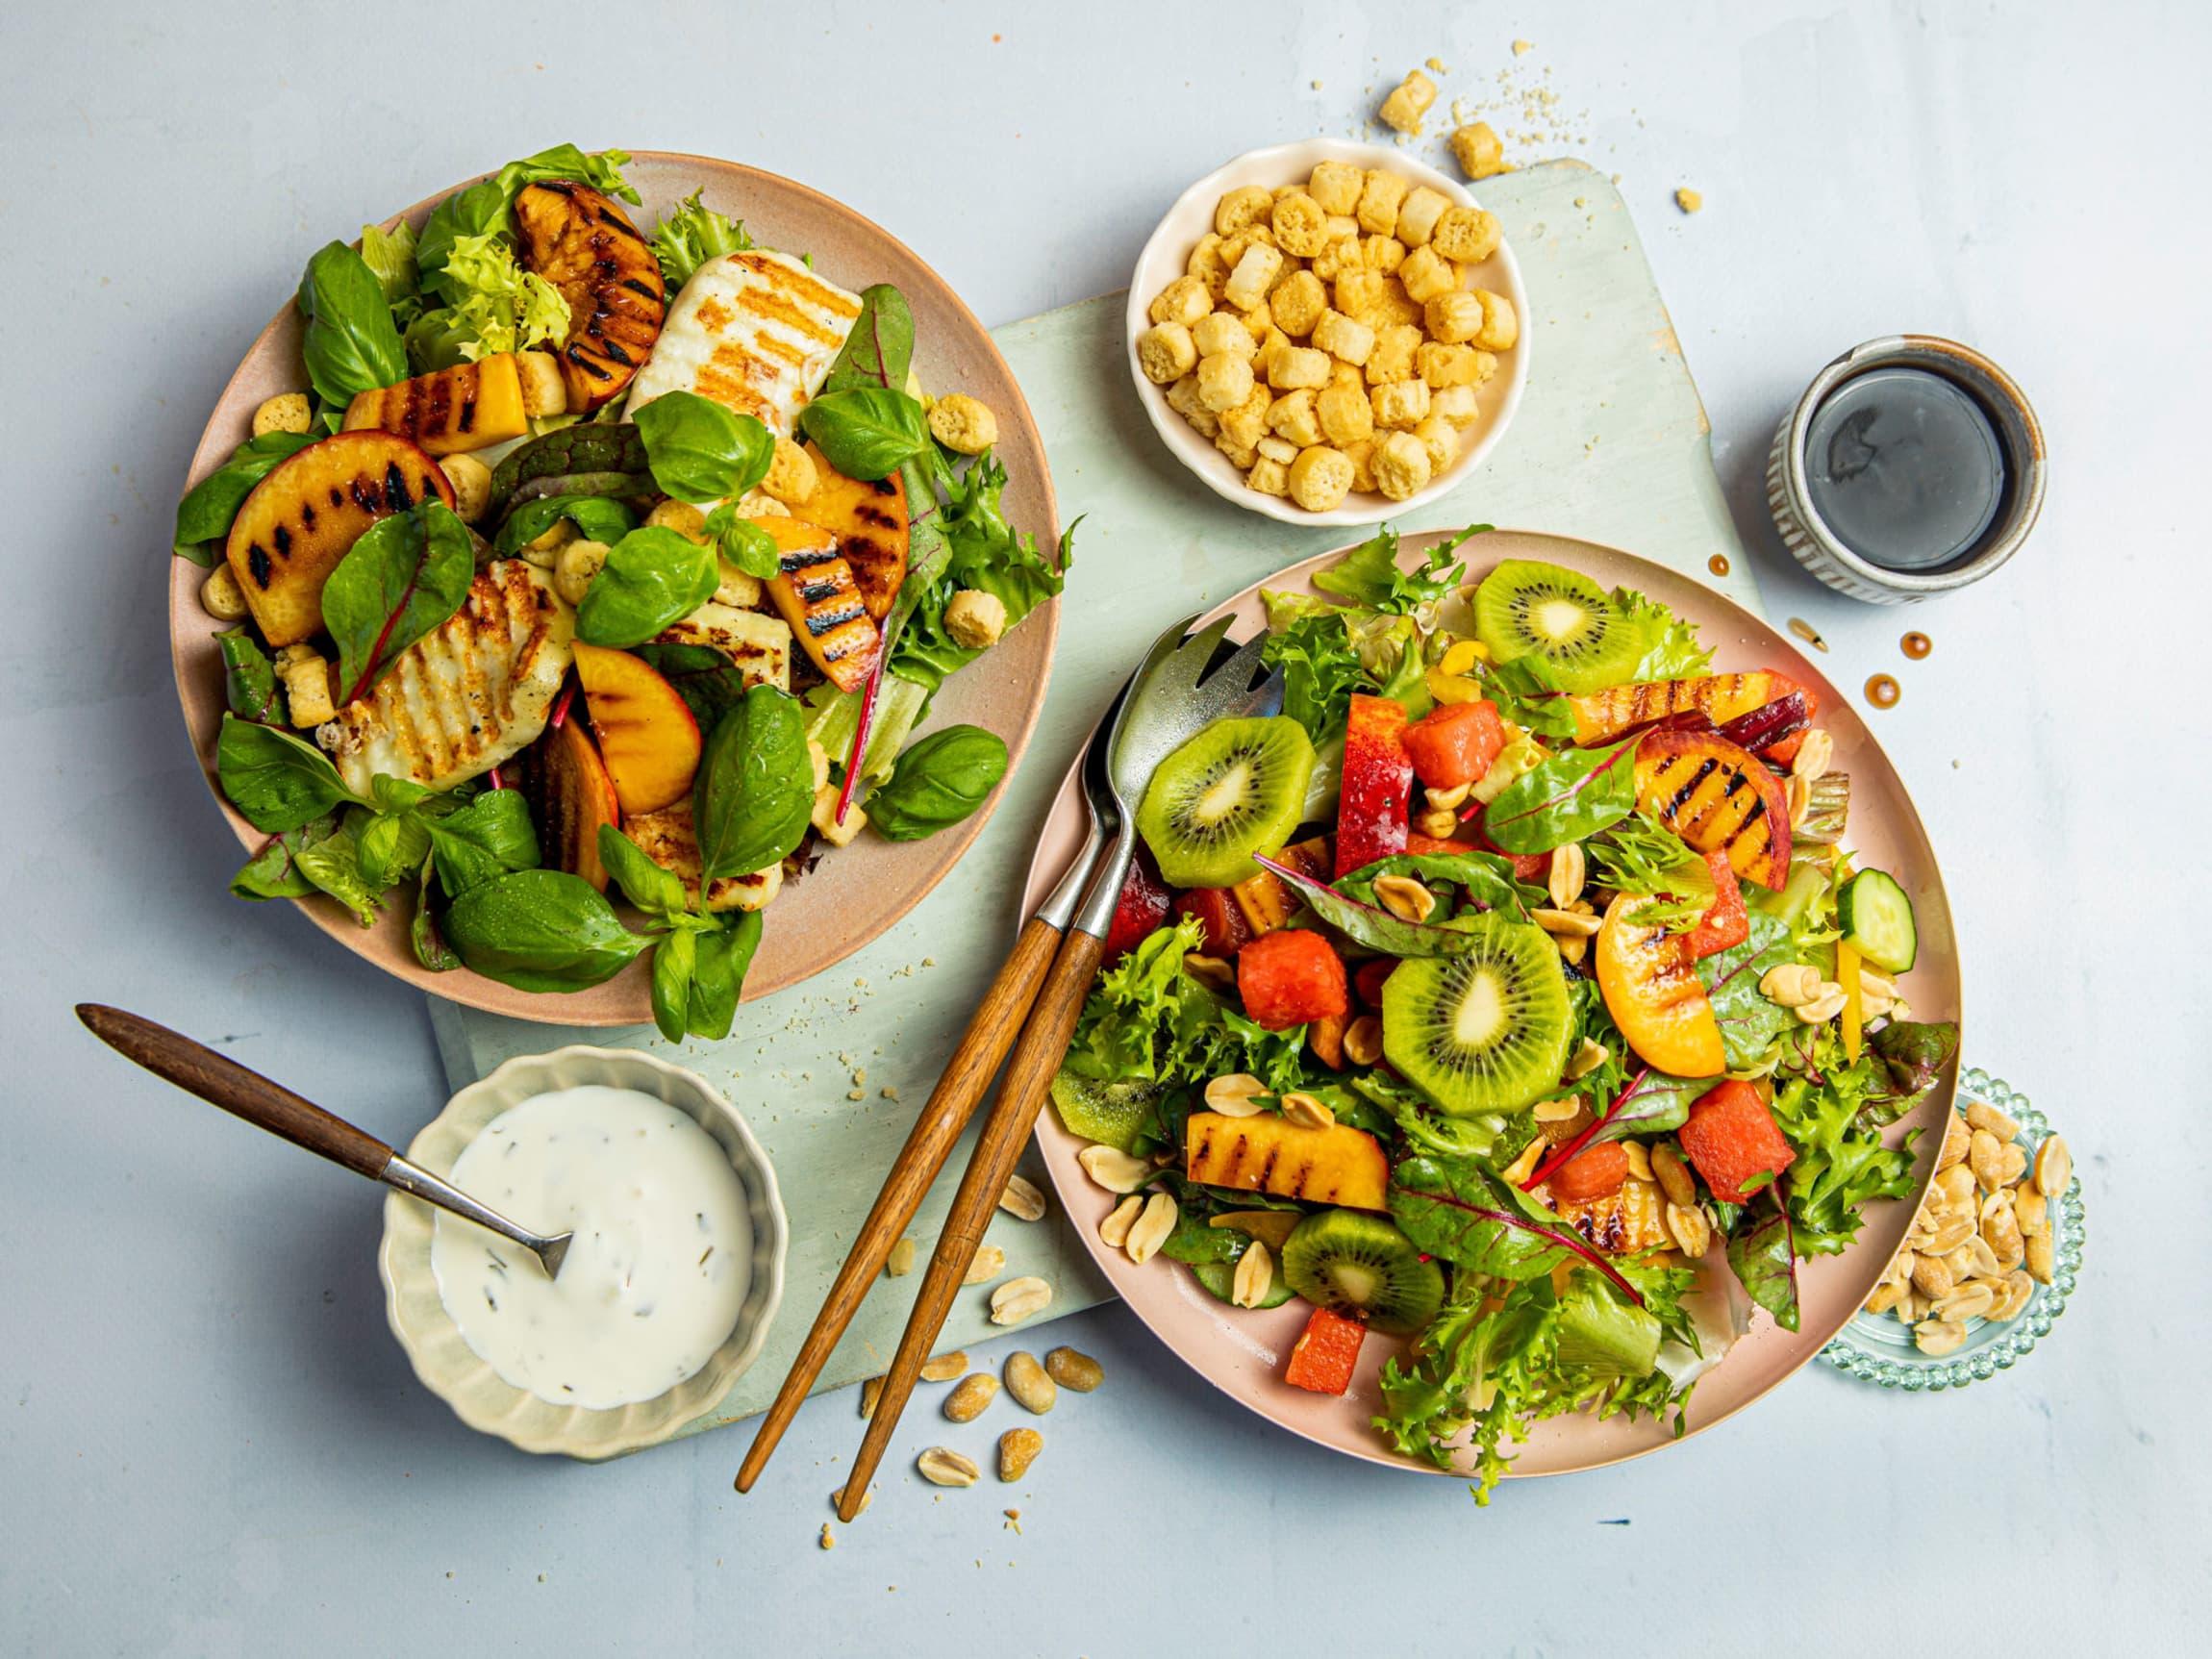 Grillet frukt er perfekt i sommerens salater. Server med halloumi, kylling eller svin.